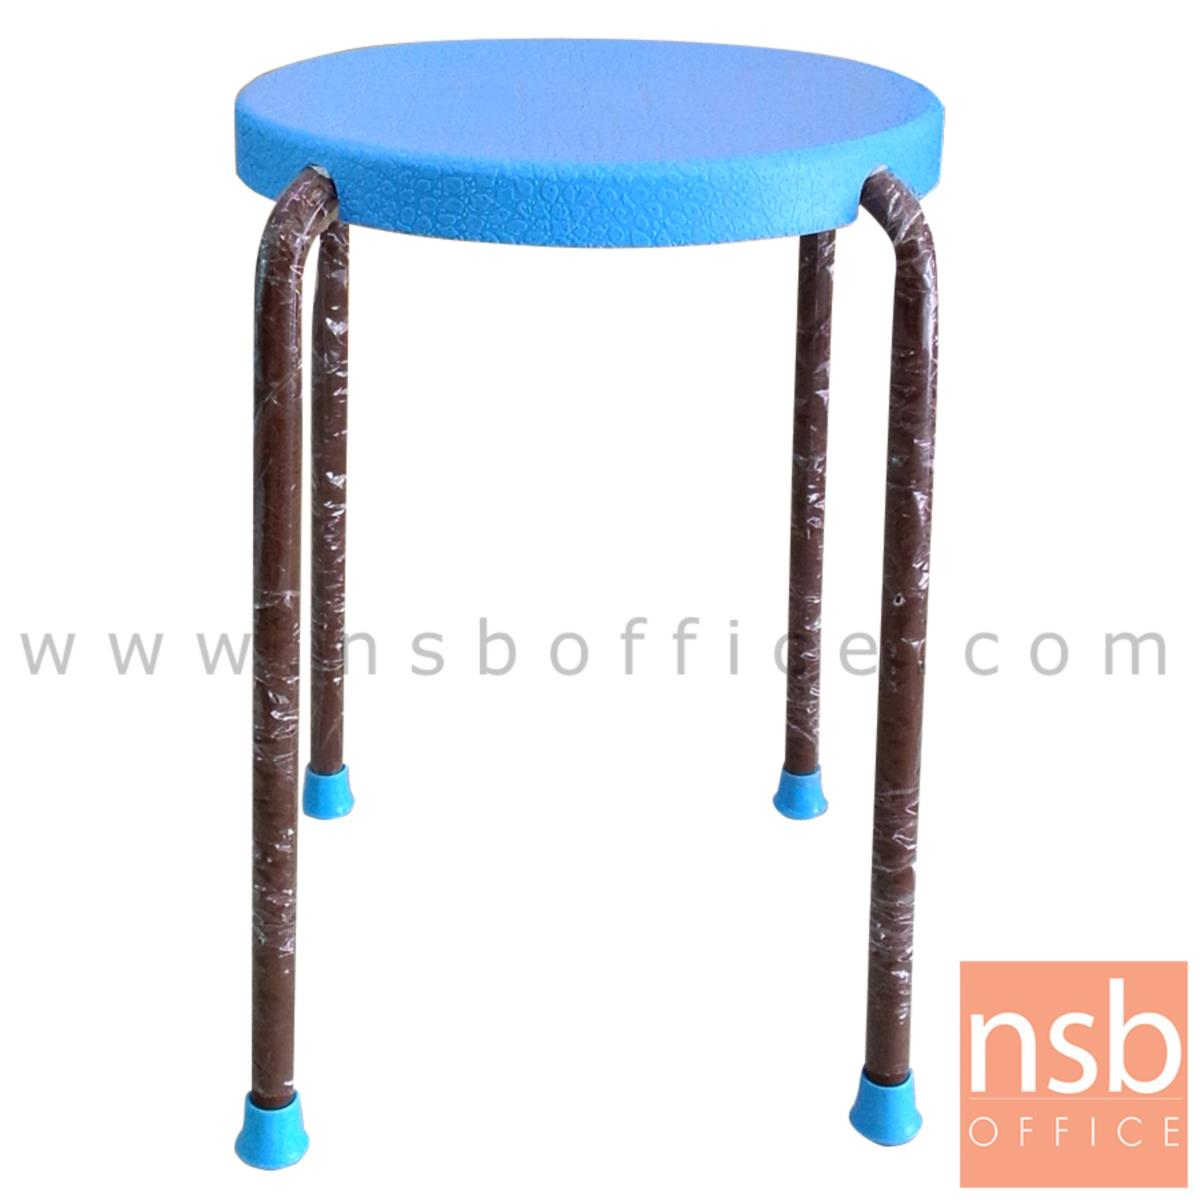 B10A079:เก้าอี้สตูลกลมที่นั่งพลาสติก  38Di*46H cm. ขาเหล็ก